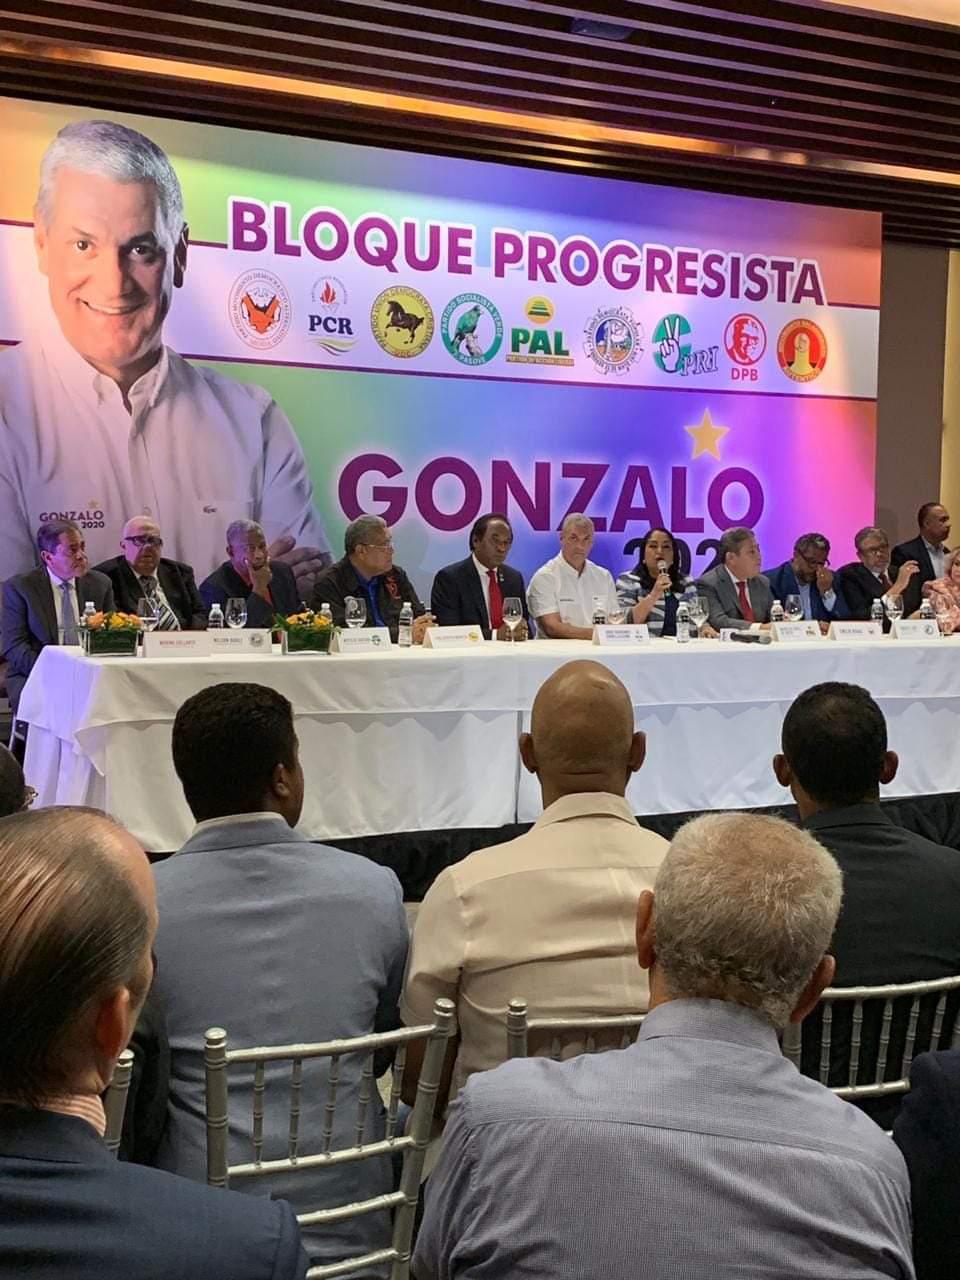 7 Partidos del BLOQUE PROGRESISTA darán apoyo a Gonzalo Castillo (@Gonzalo2020RD) para que sea el candidato el 6 de octubre (#6O).